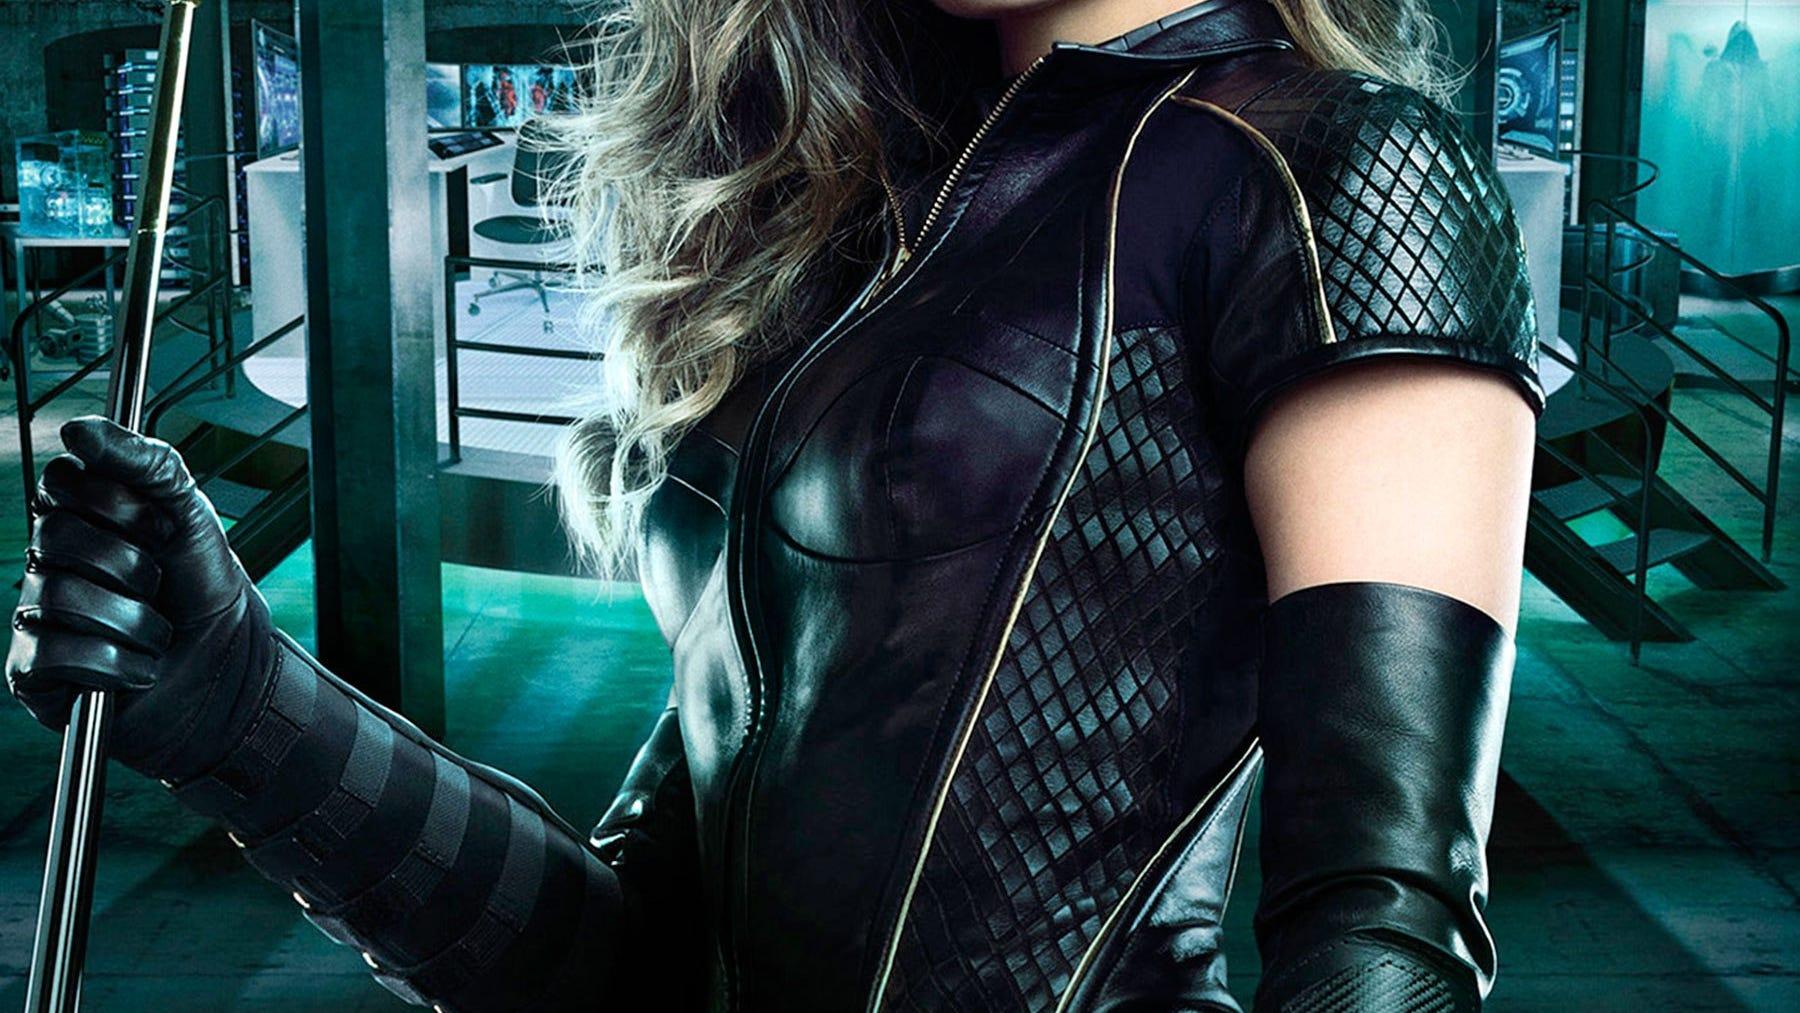 Juliana Harkavy, Arrow